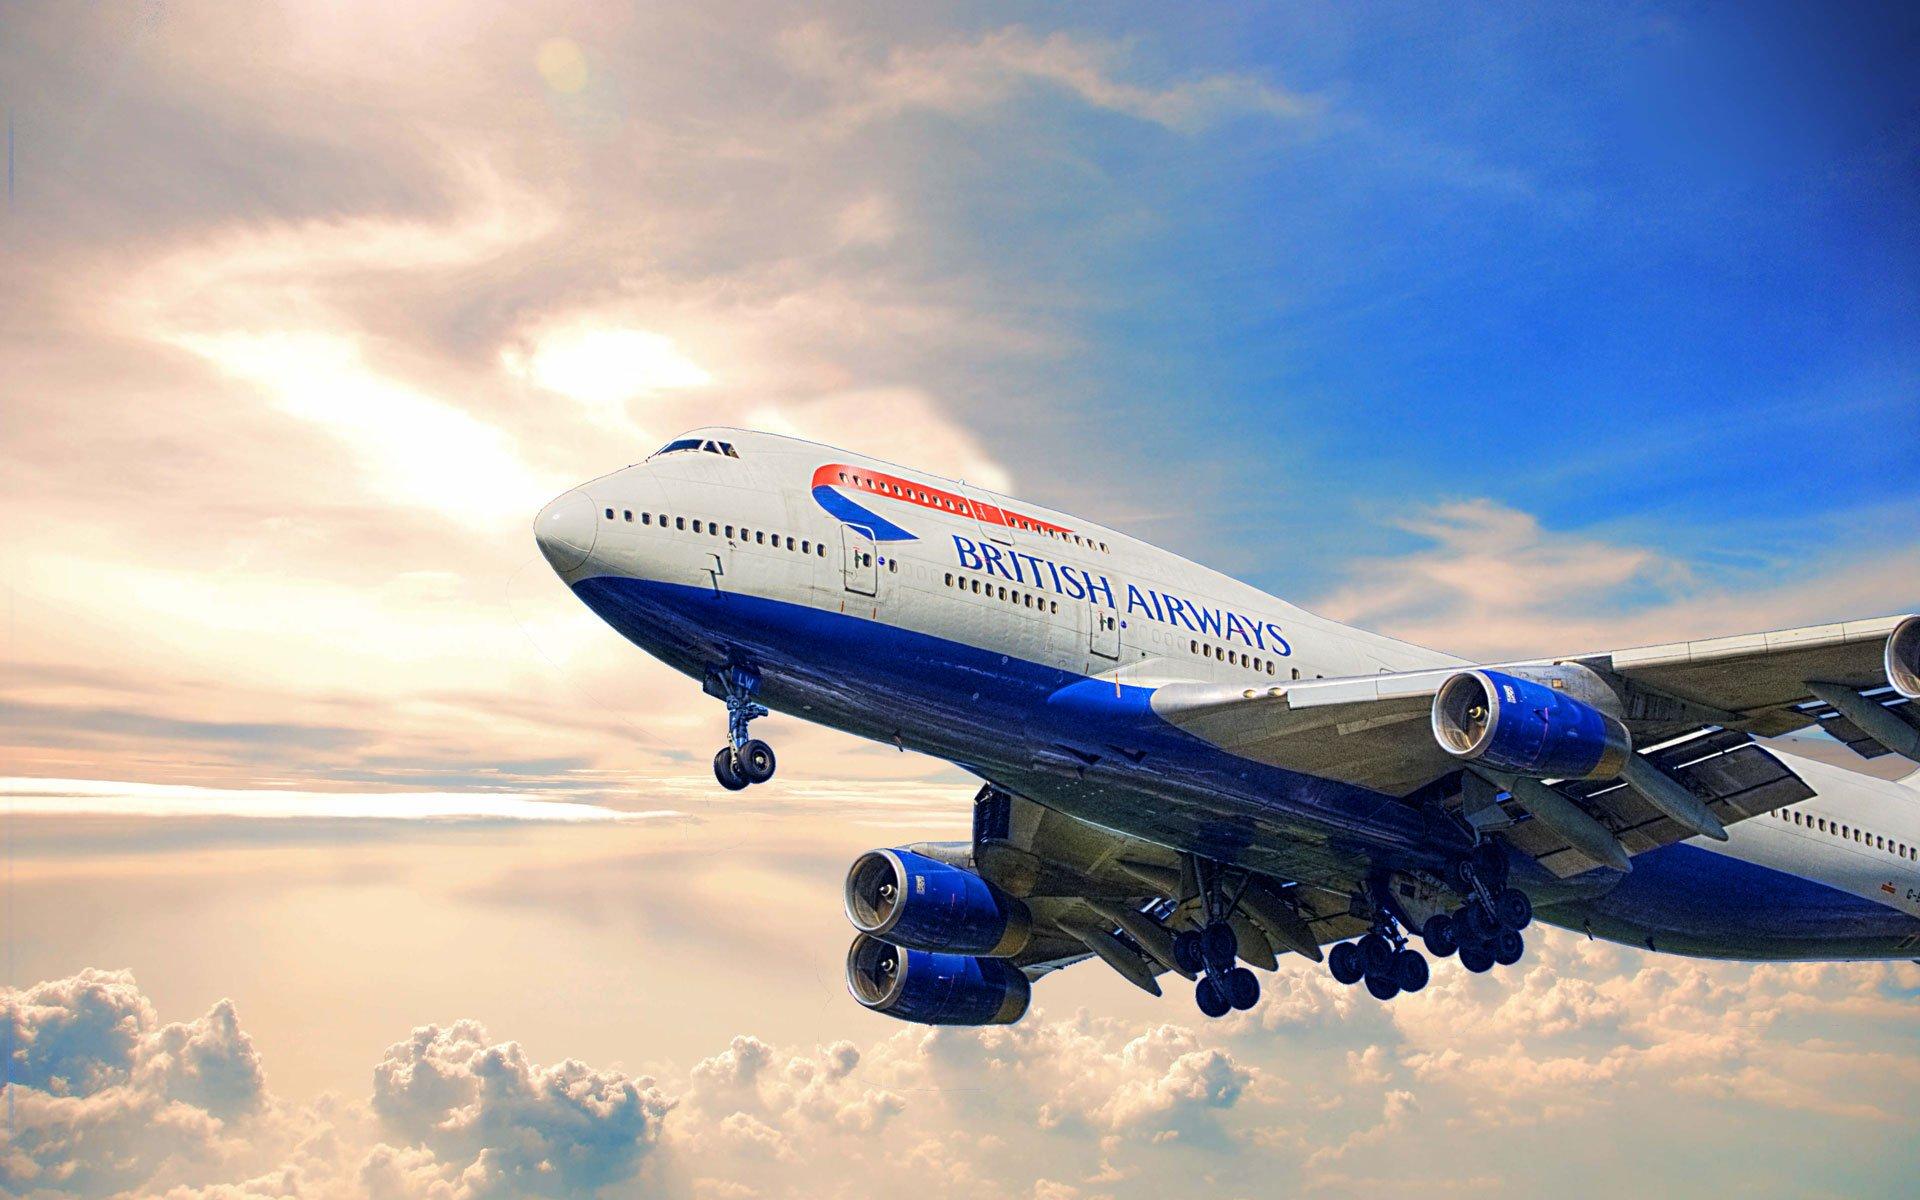 Руководитель British Airways озвучил причину компьютерного сбоя вработе компании